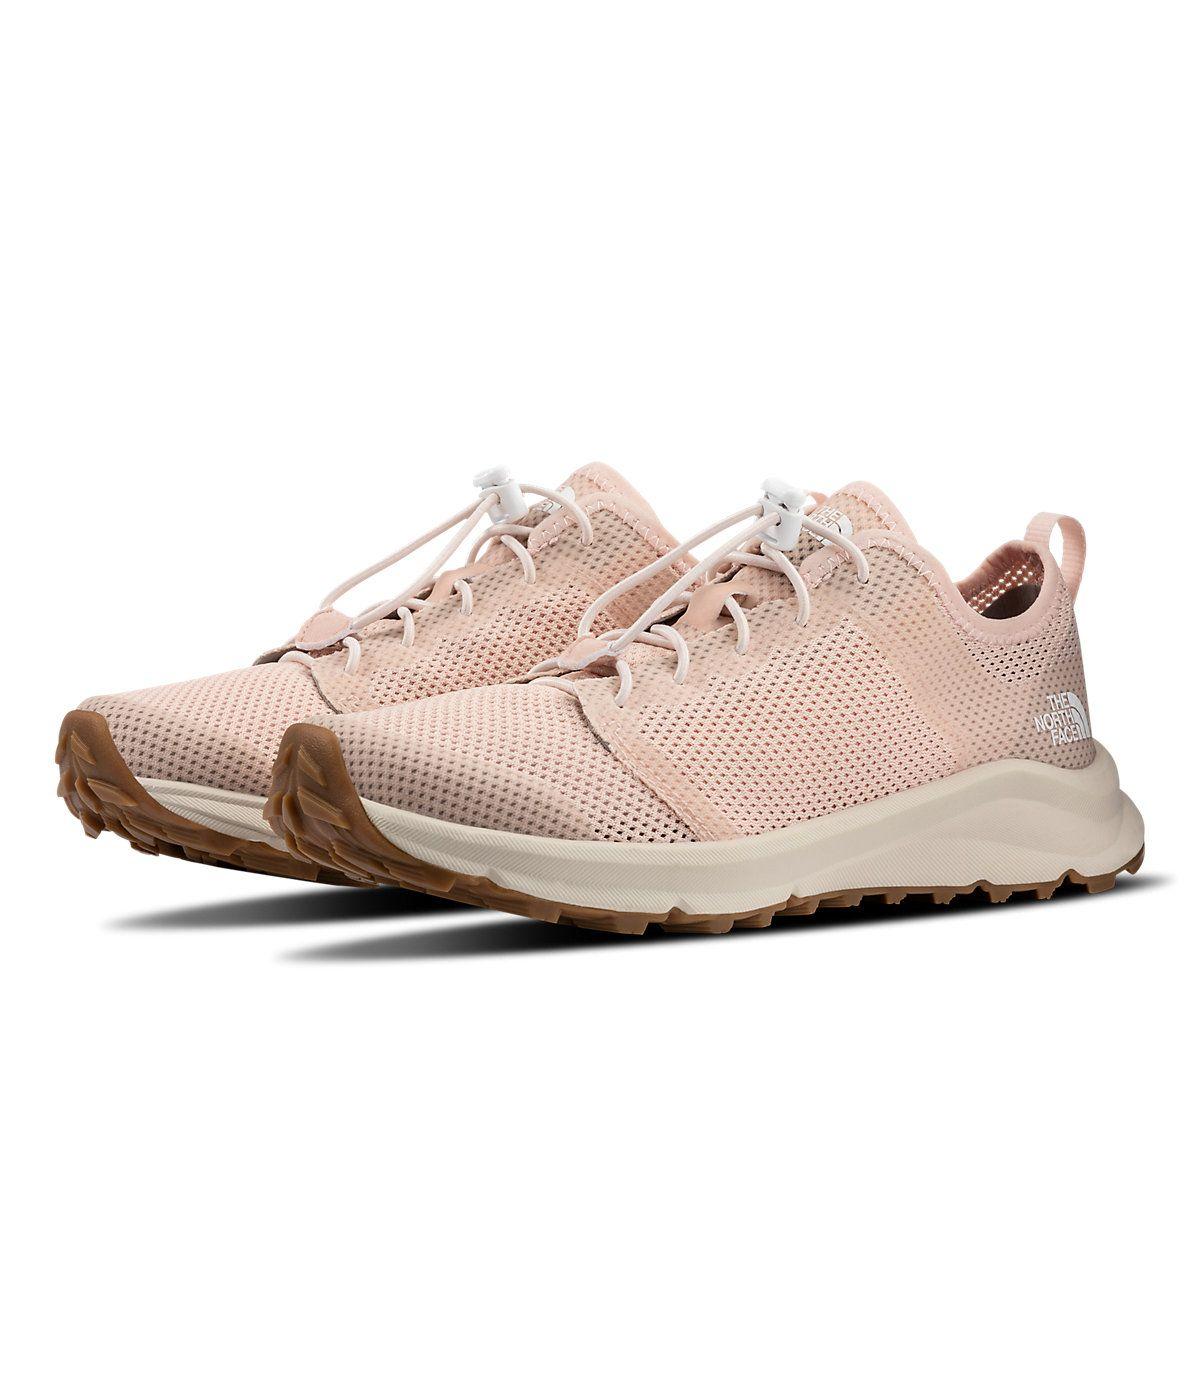 340d4c13e55e6 The North Face Women s Litewave Flow Lace II Sneakers